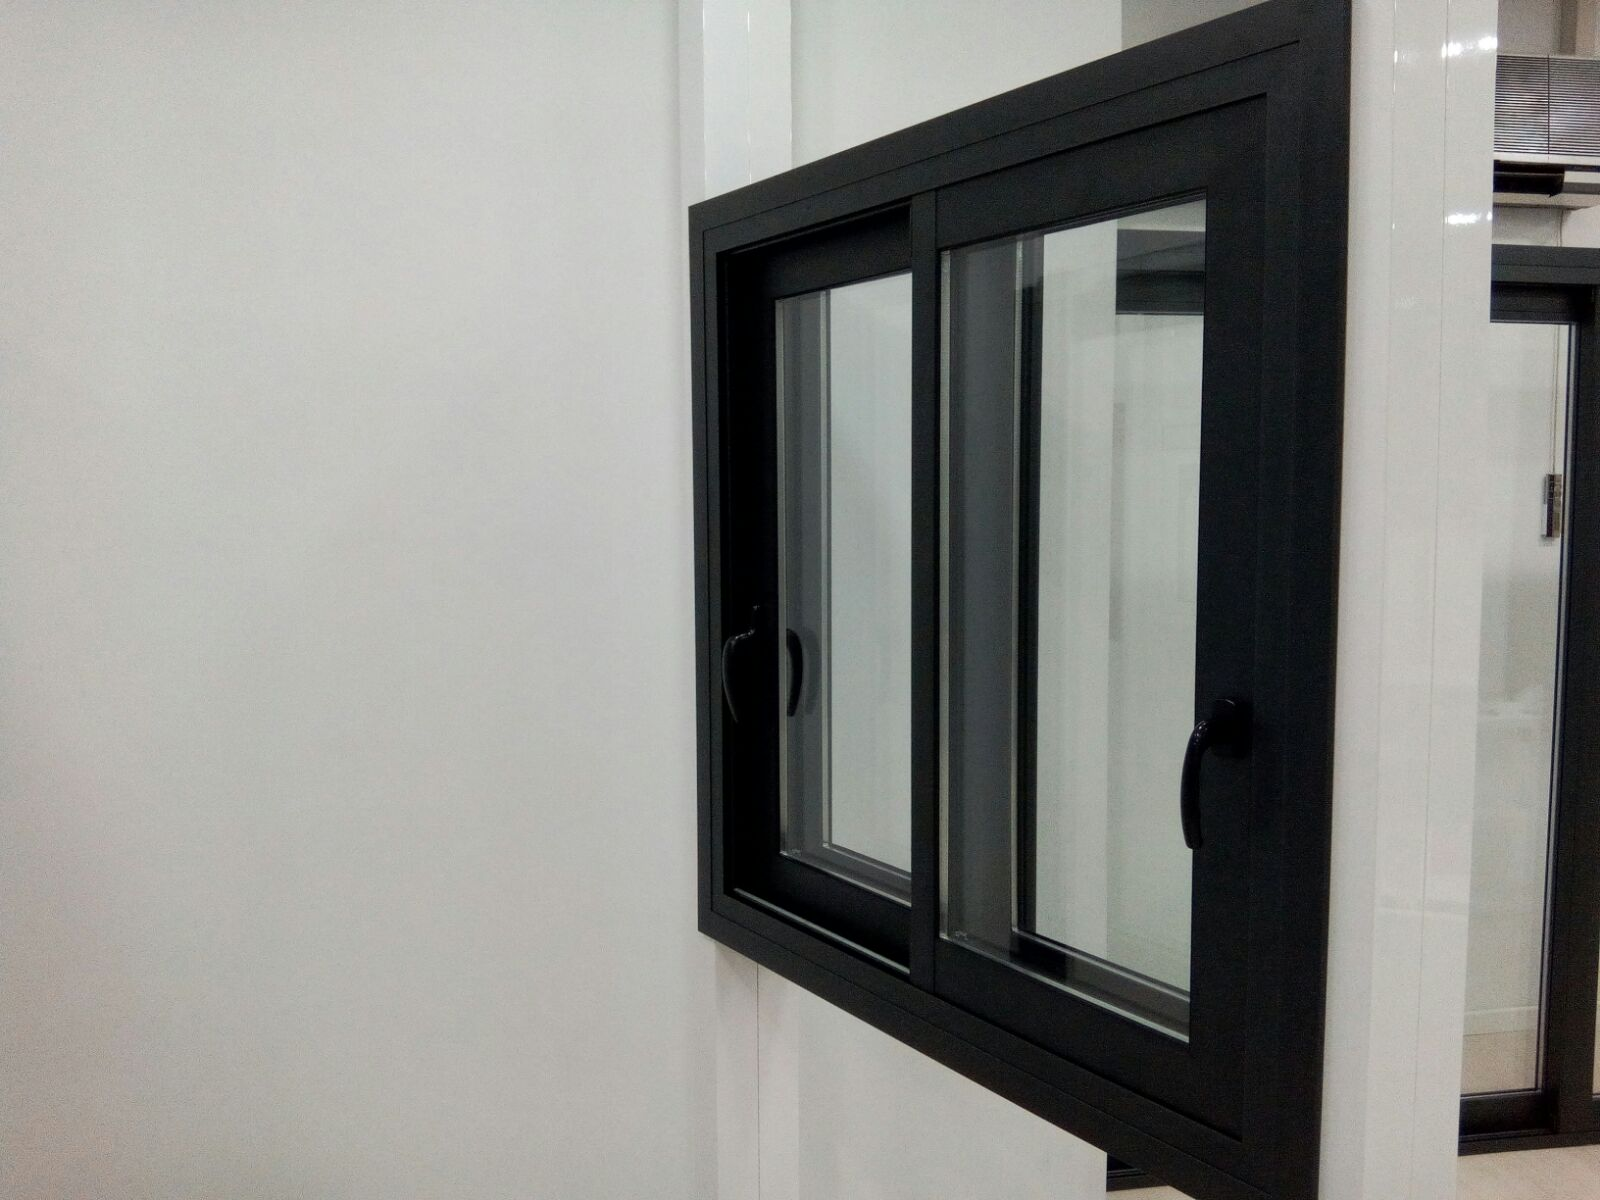 Ventana de aluminio con persiana latest ventana de for Persiana de aluminio